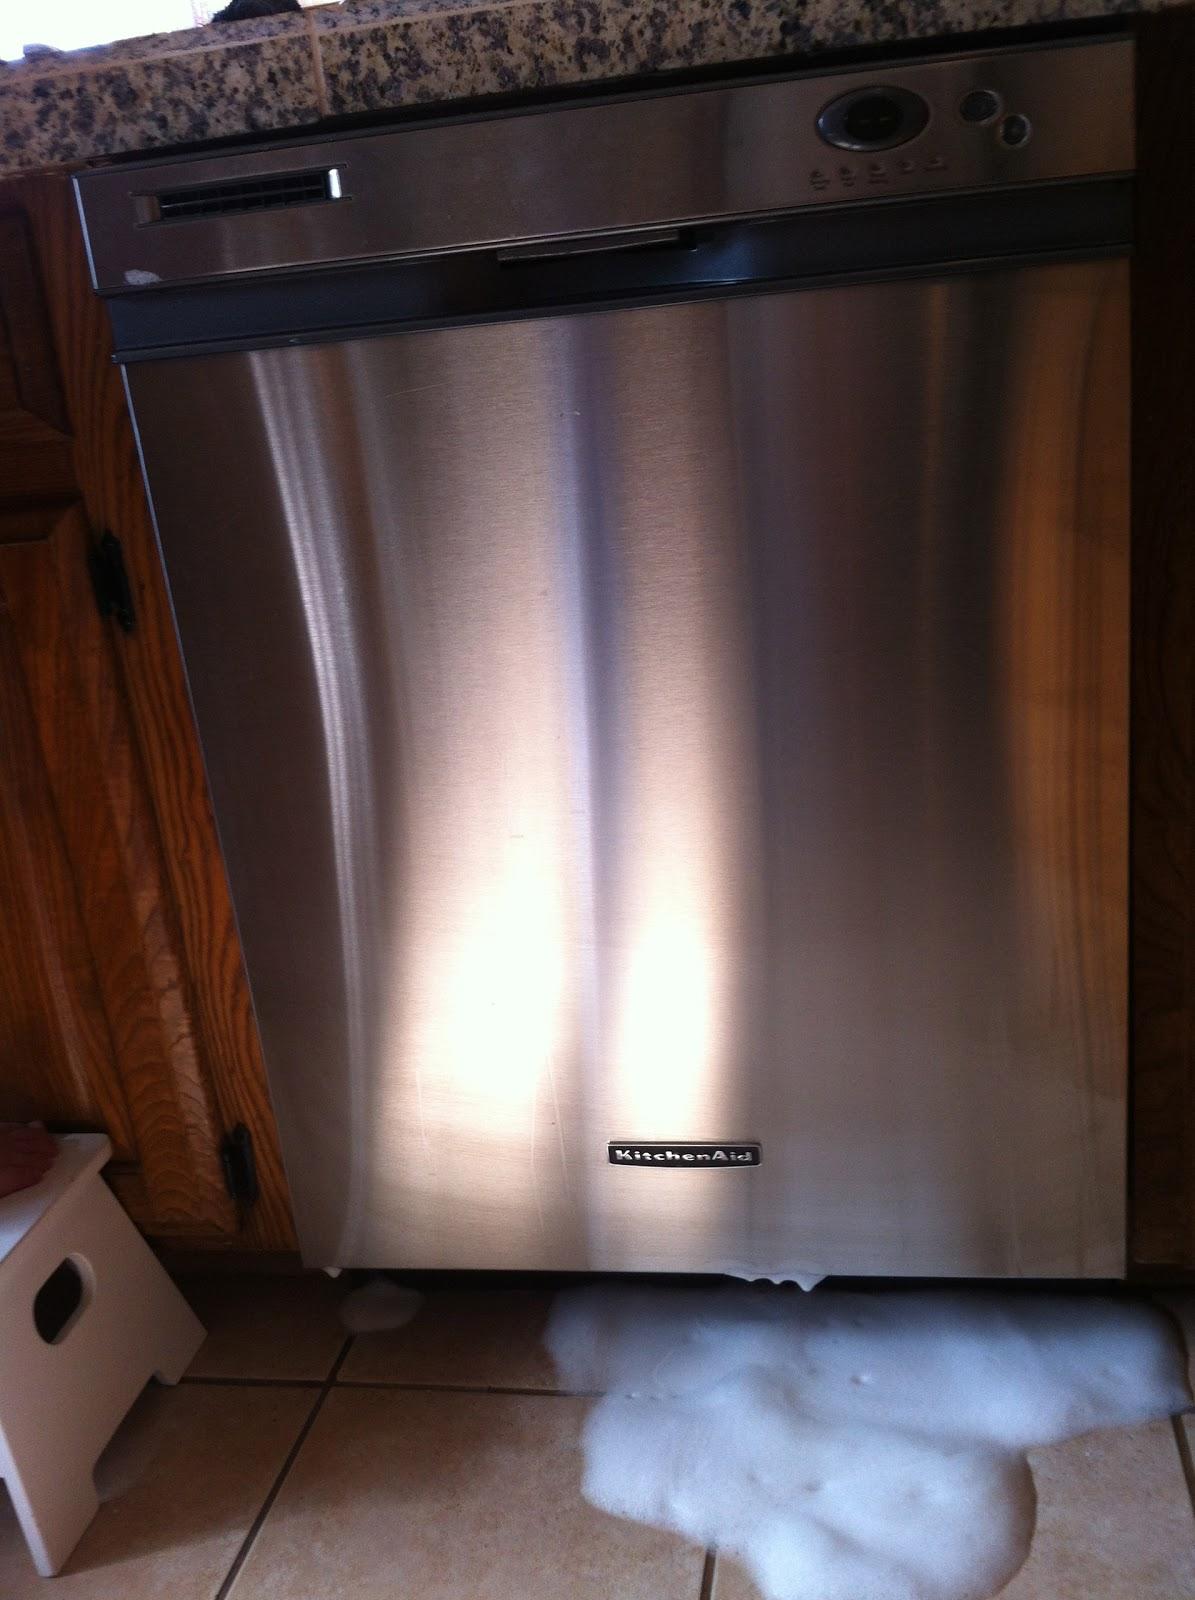 Secret Agent Man Dishwasher Soaps